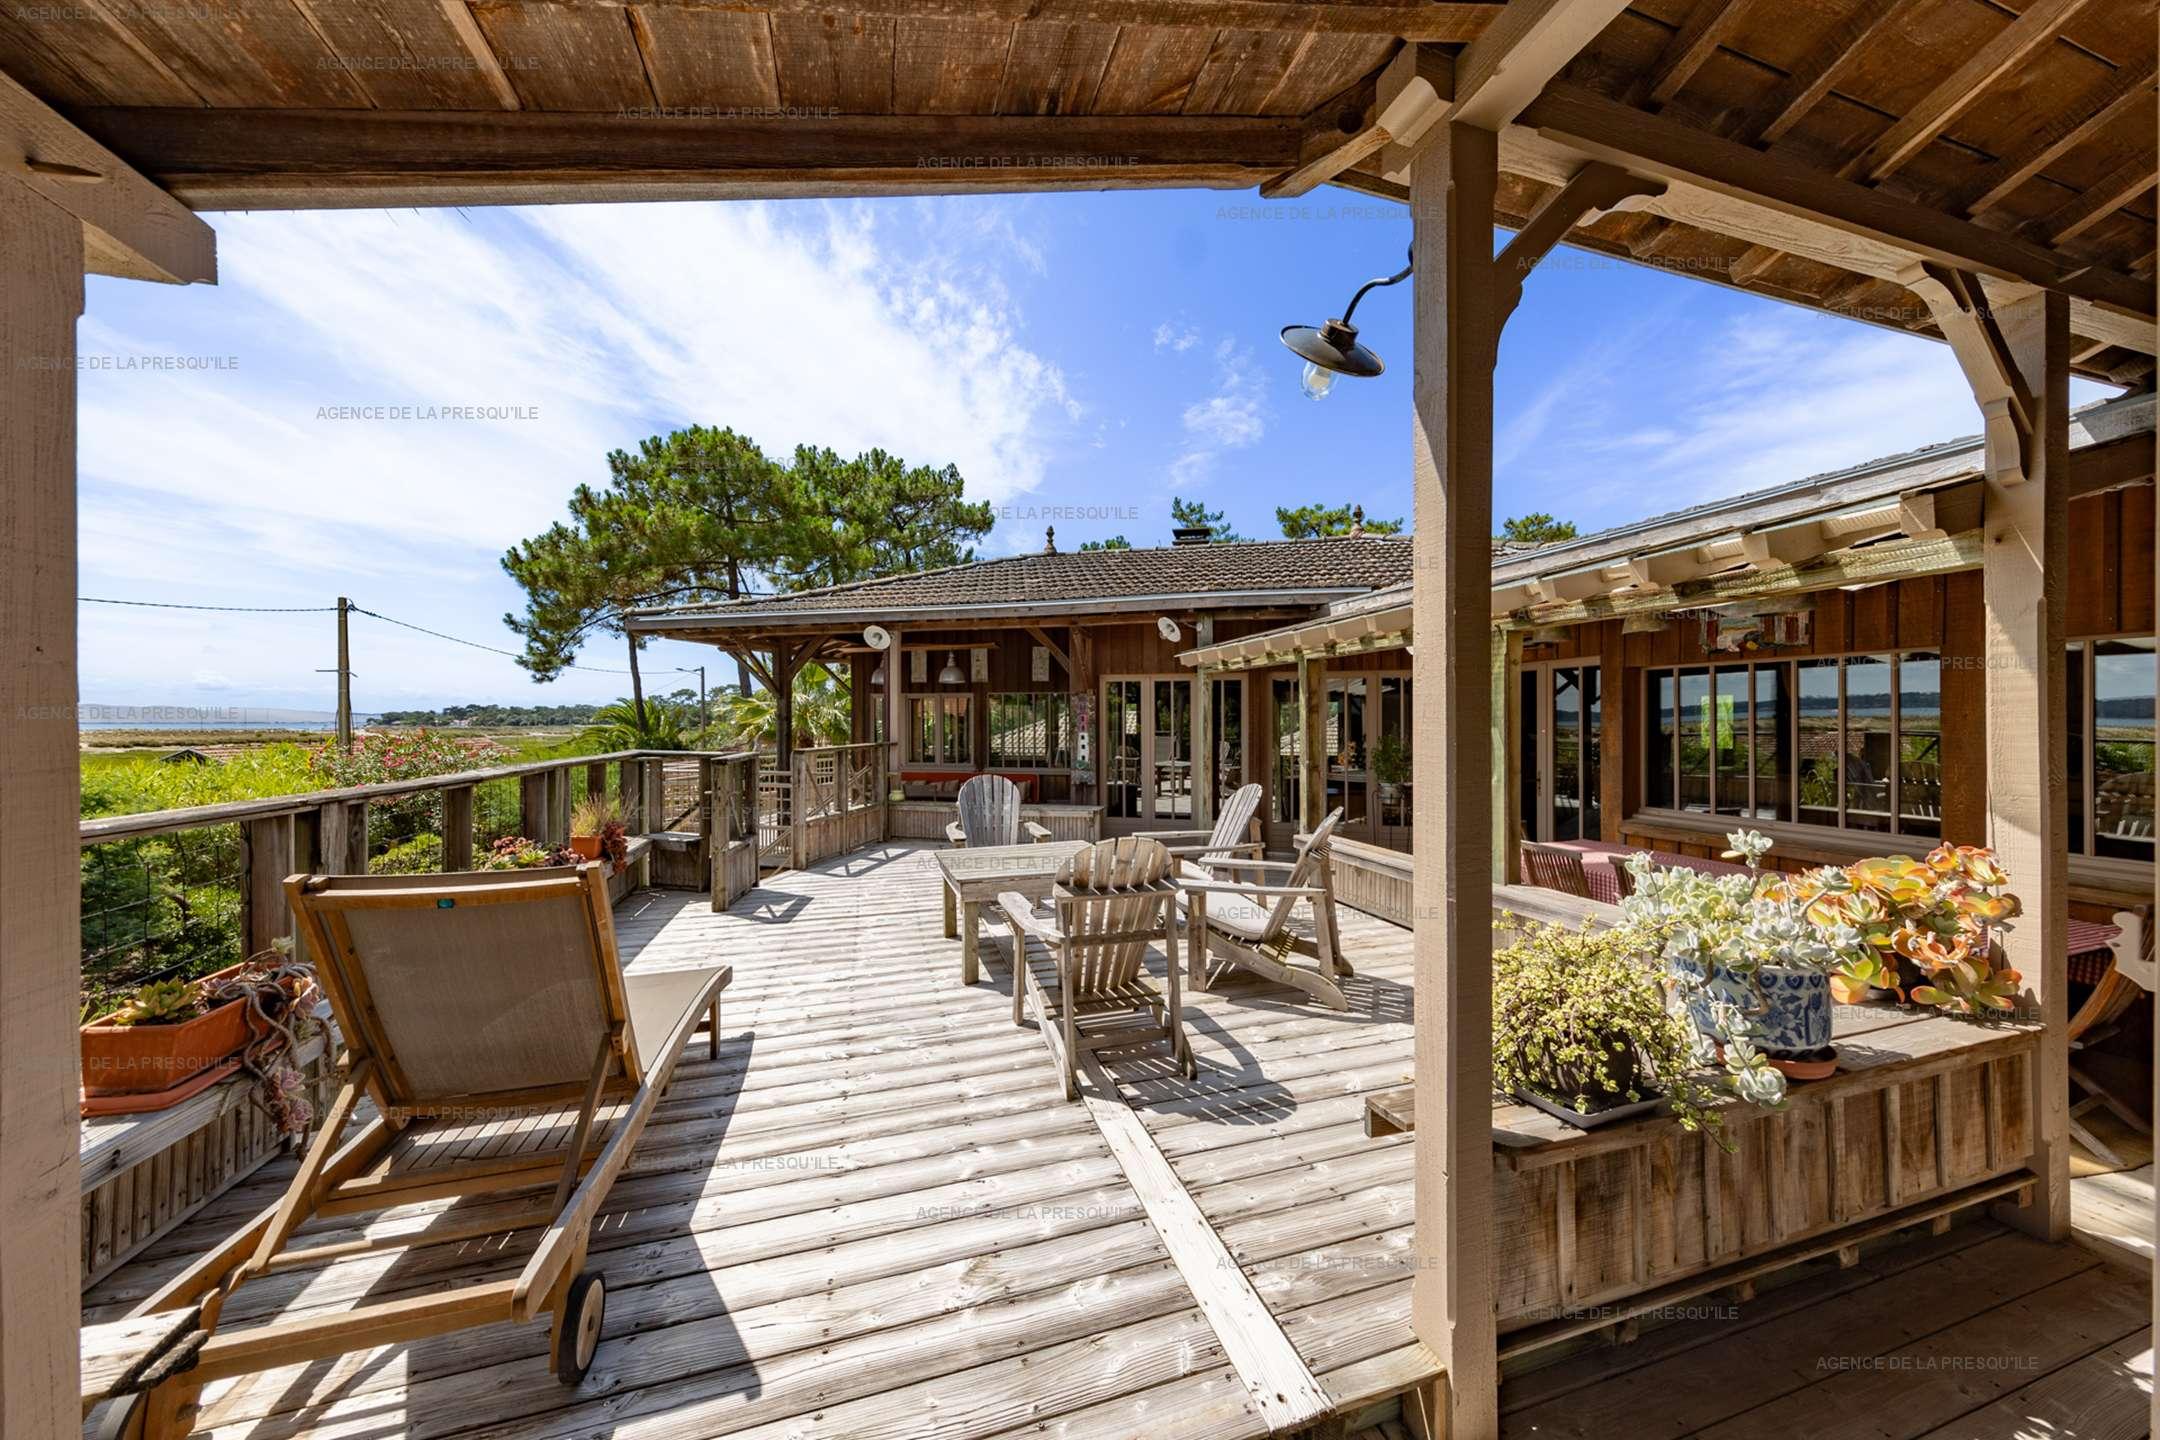 Location: Très belle villa en bois avec vue panoramique sur le bassin 2